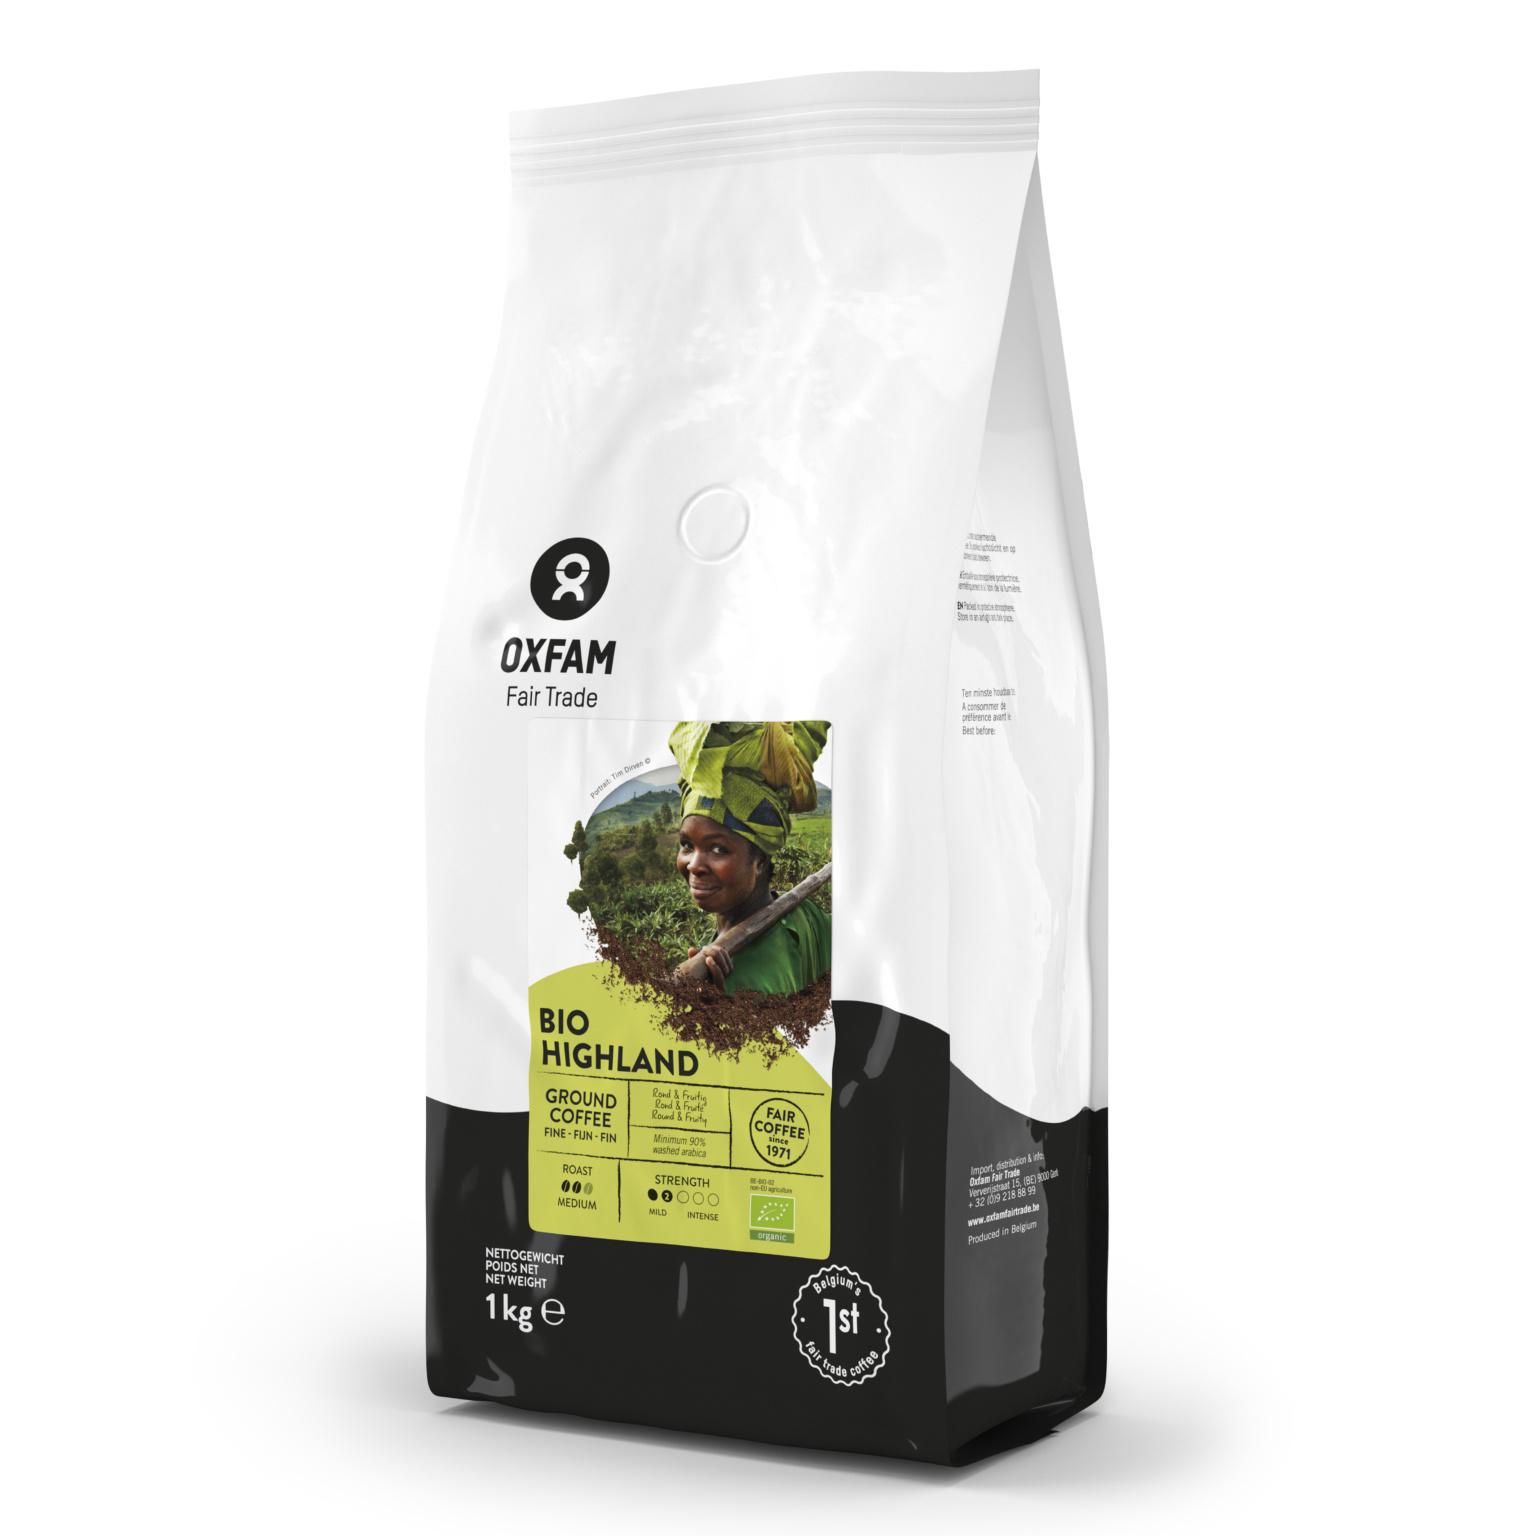 Oxfam Fair Trade 22604